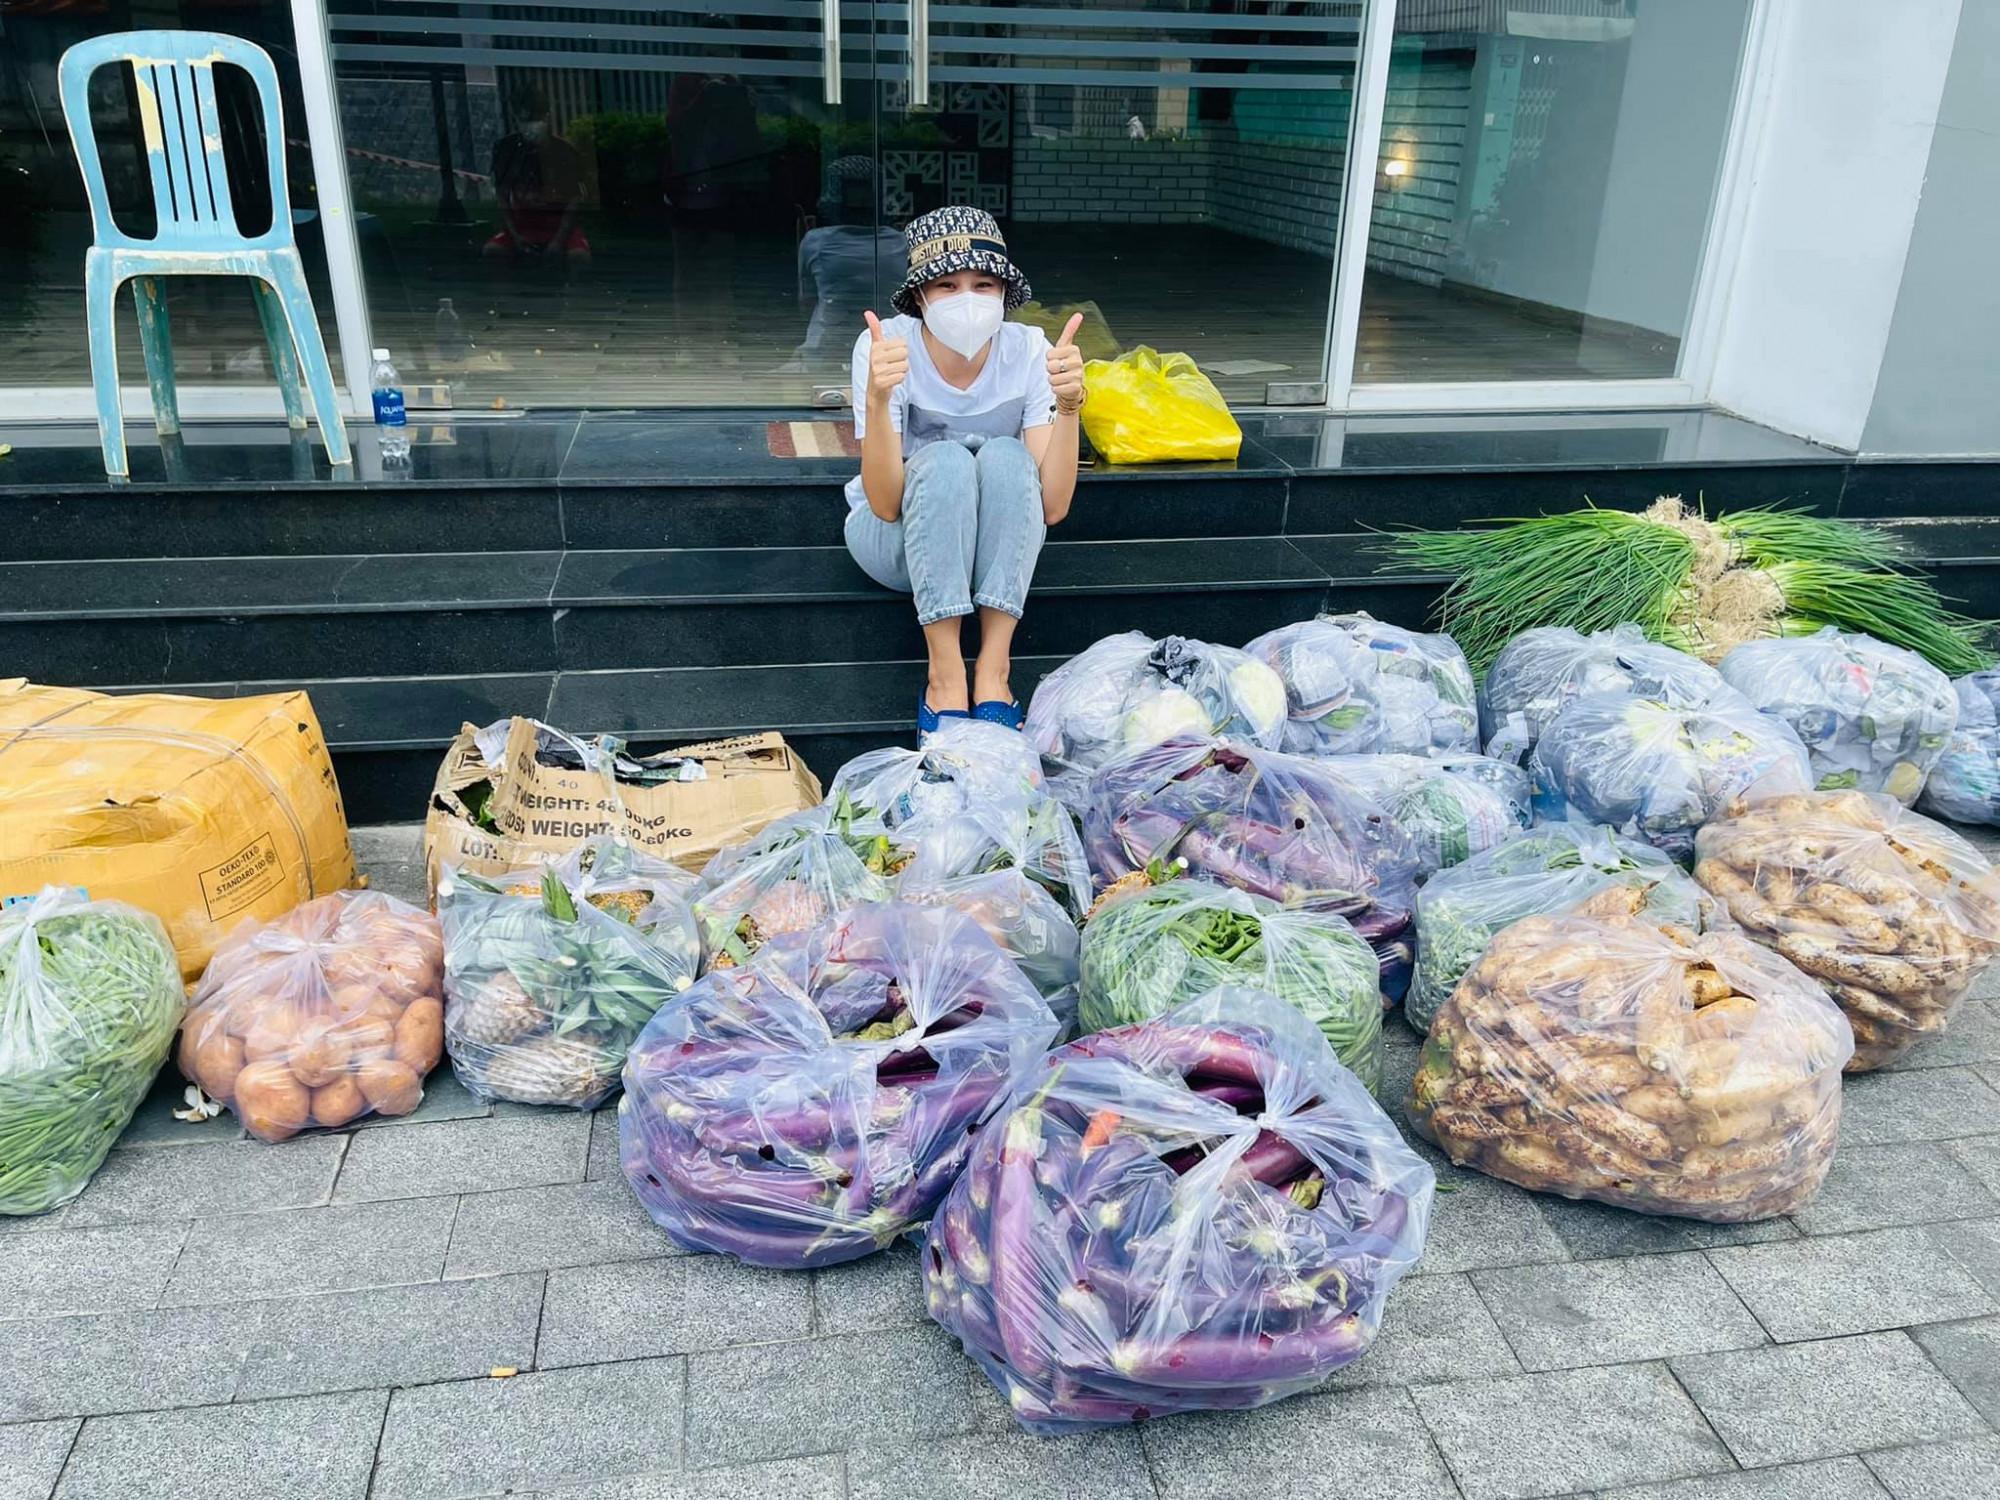 Với sự đóng góp cá nhân và được Mạnh Thường Quân đóng góp, Hồ Bích Trâm đã cho khoảng 22 tấn gạo